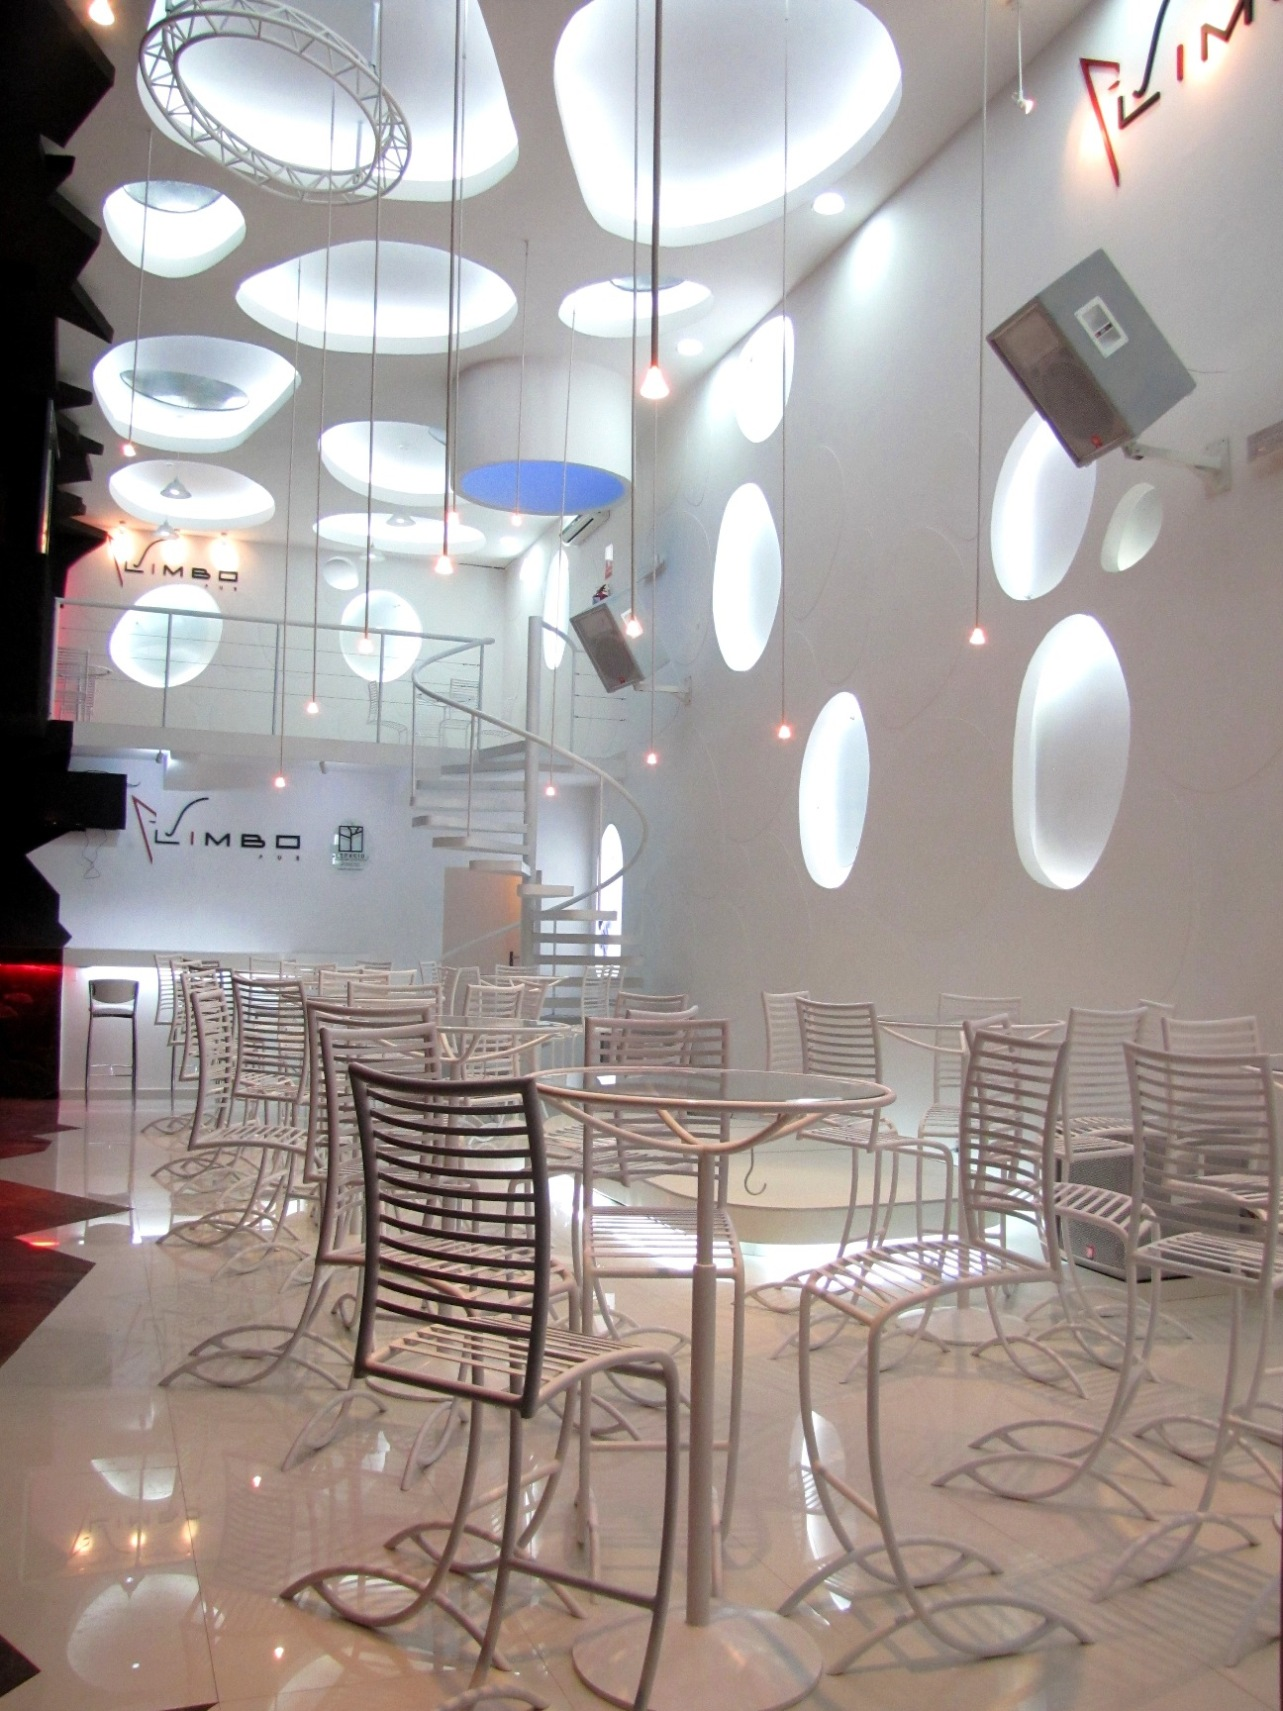 Galer a limbo pub espacio s r l arquitectura - Bauhaus iluminacion interior ...